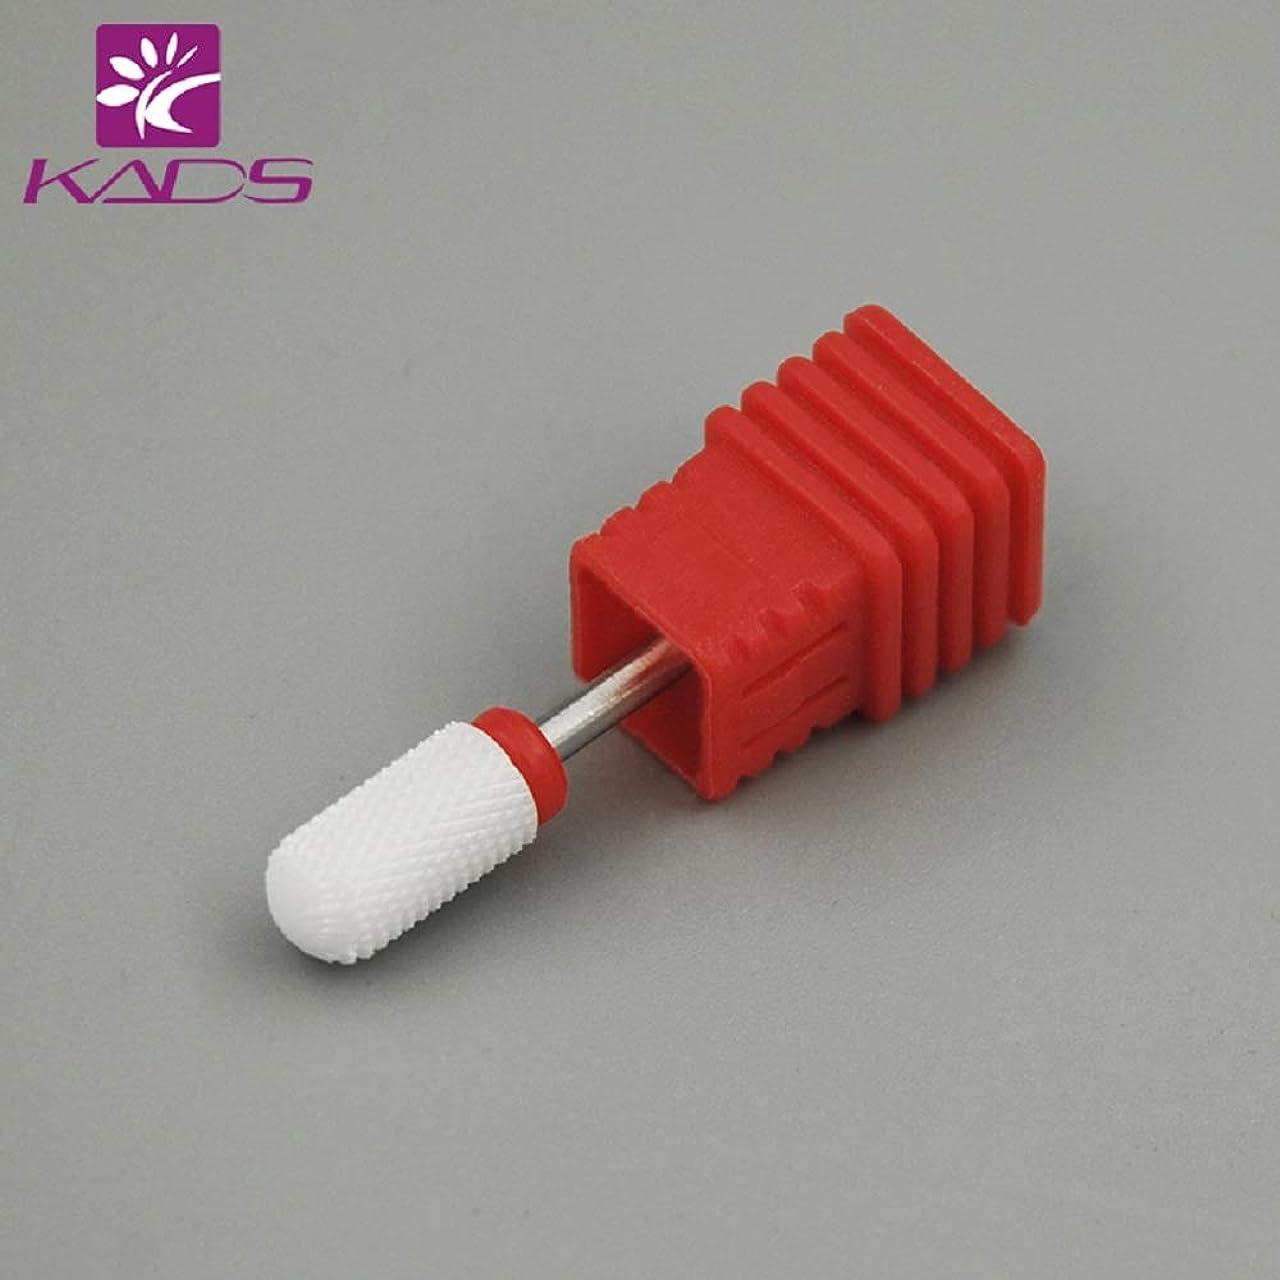 エピソードタイヤ失礼なKADS 陶磁器ドリルビット 3個セット ネイルマシンビット ロータリーファイル 研削ネイル 切削工具 耐摩耗性 耐腐食性 高硬度 (F)